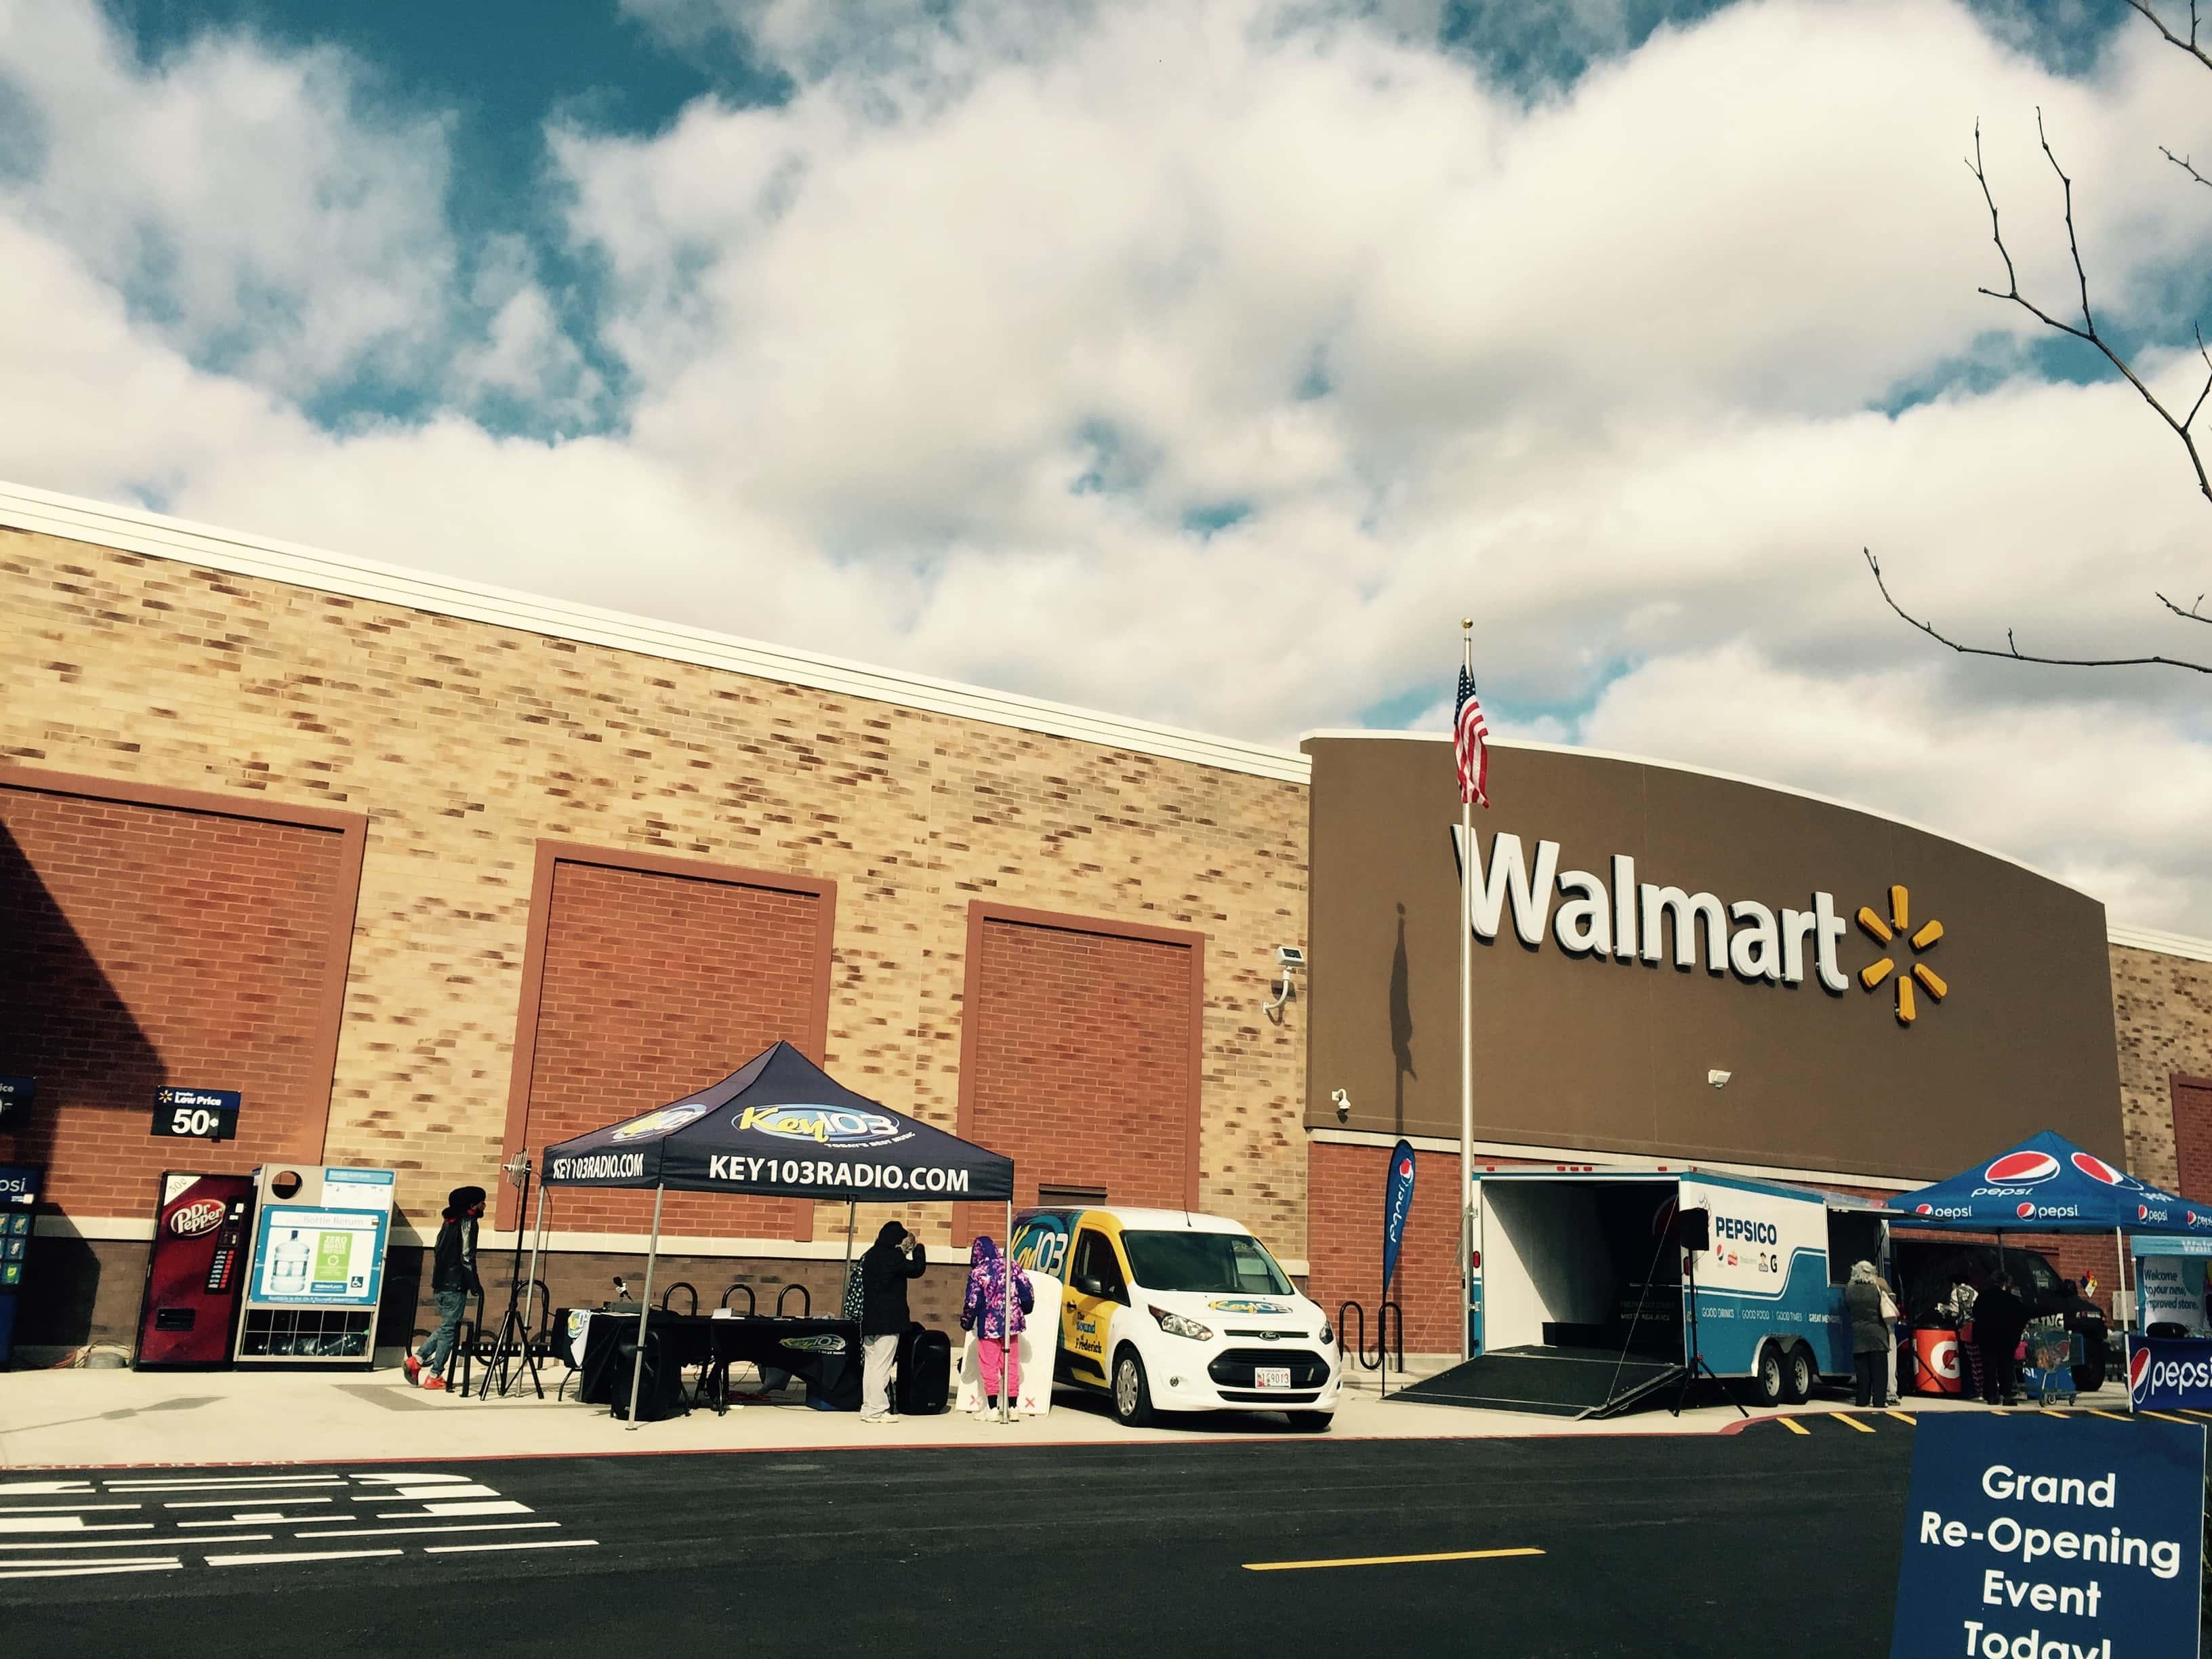 Walmart view